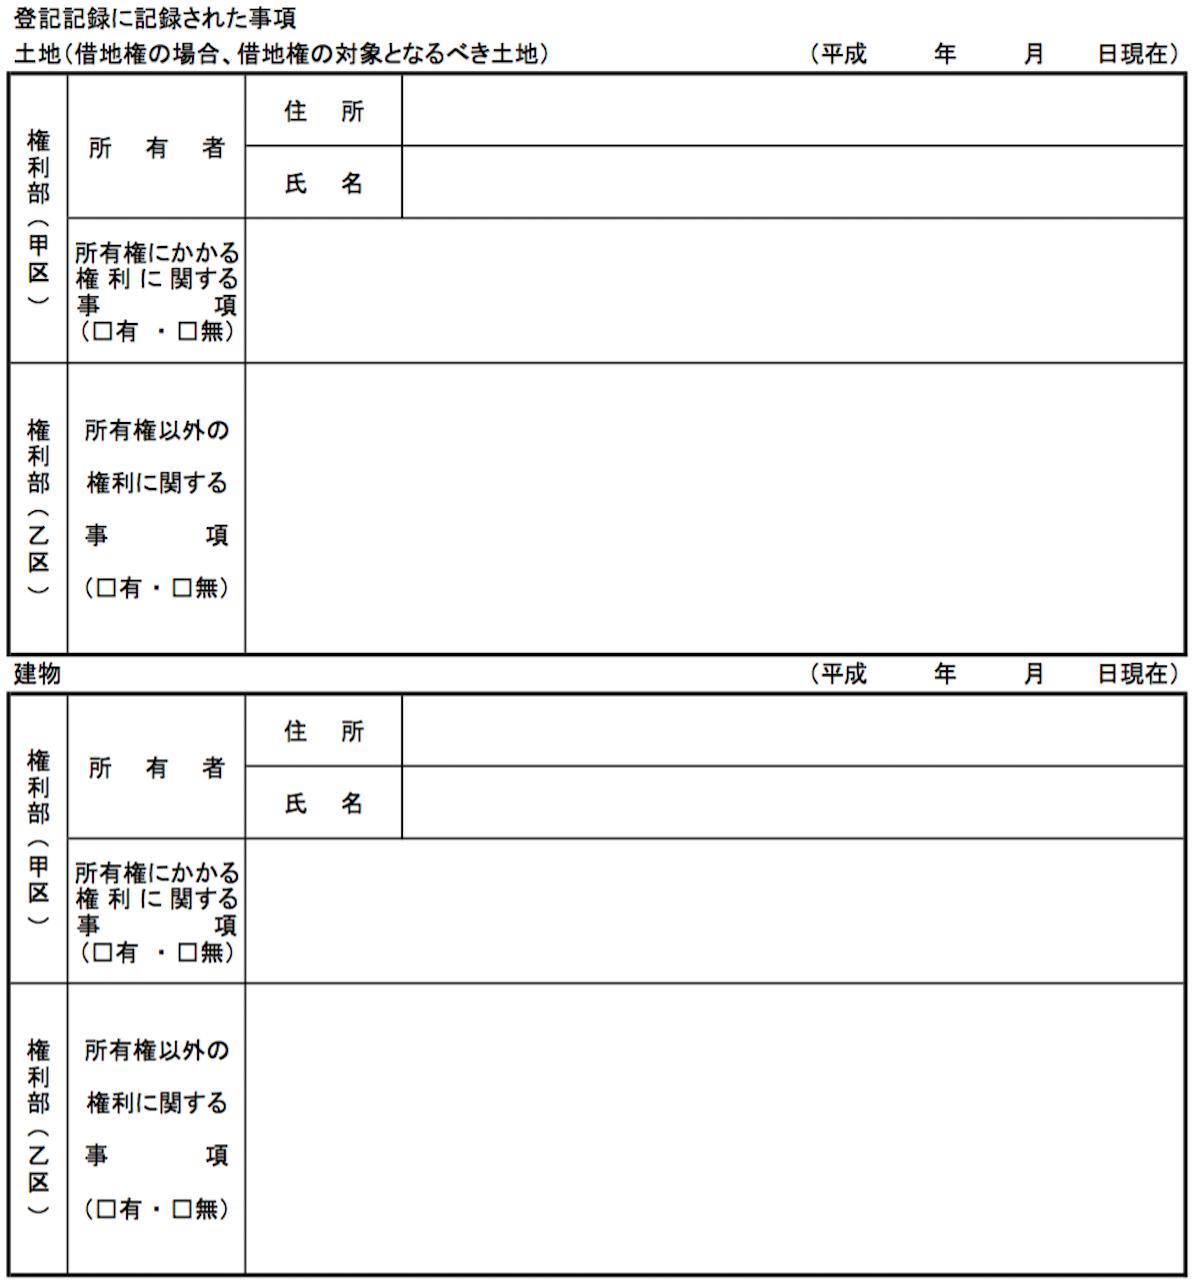 登記記録に記録された事項(土地建物)